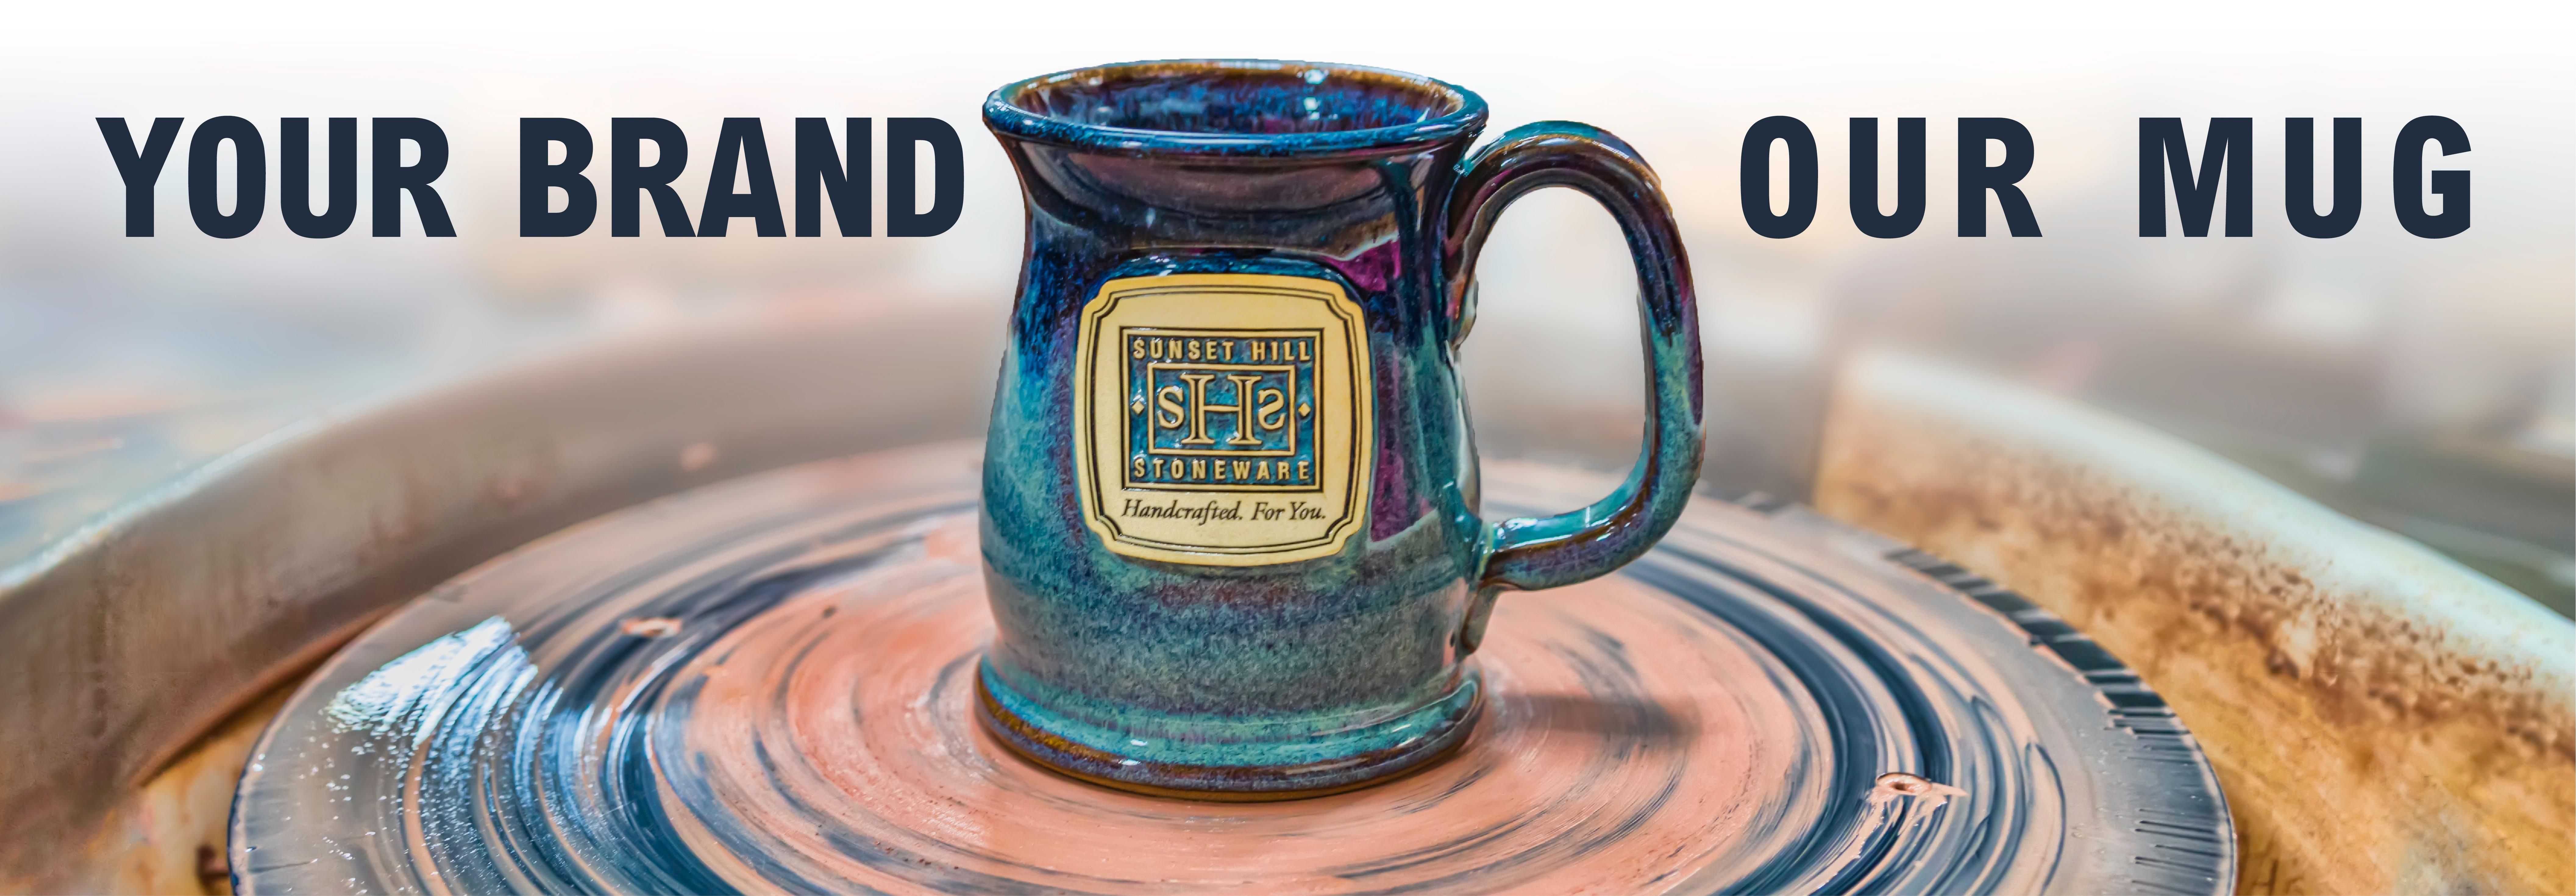 Your brand, our mug